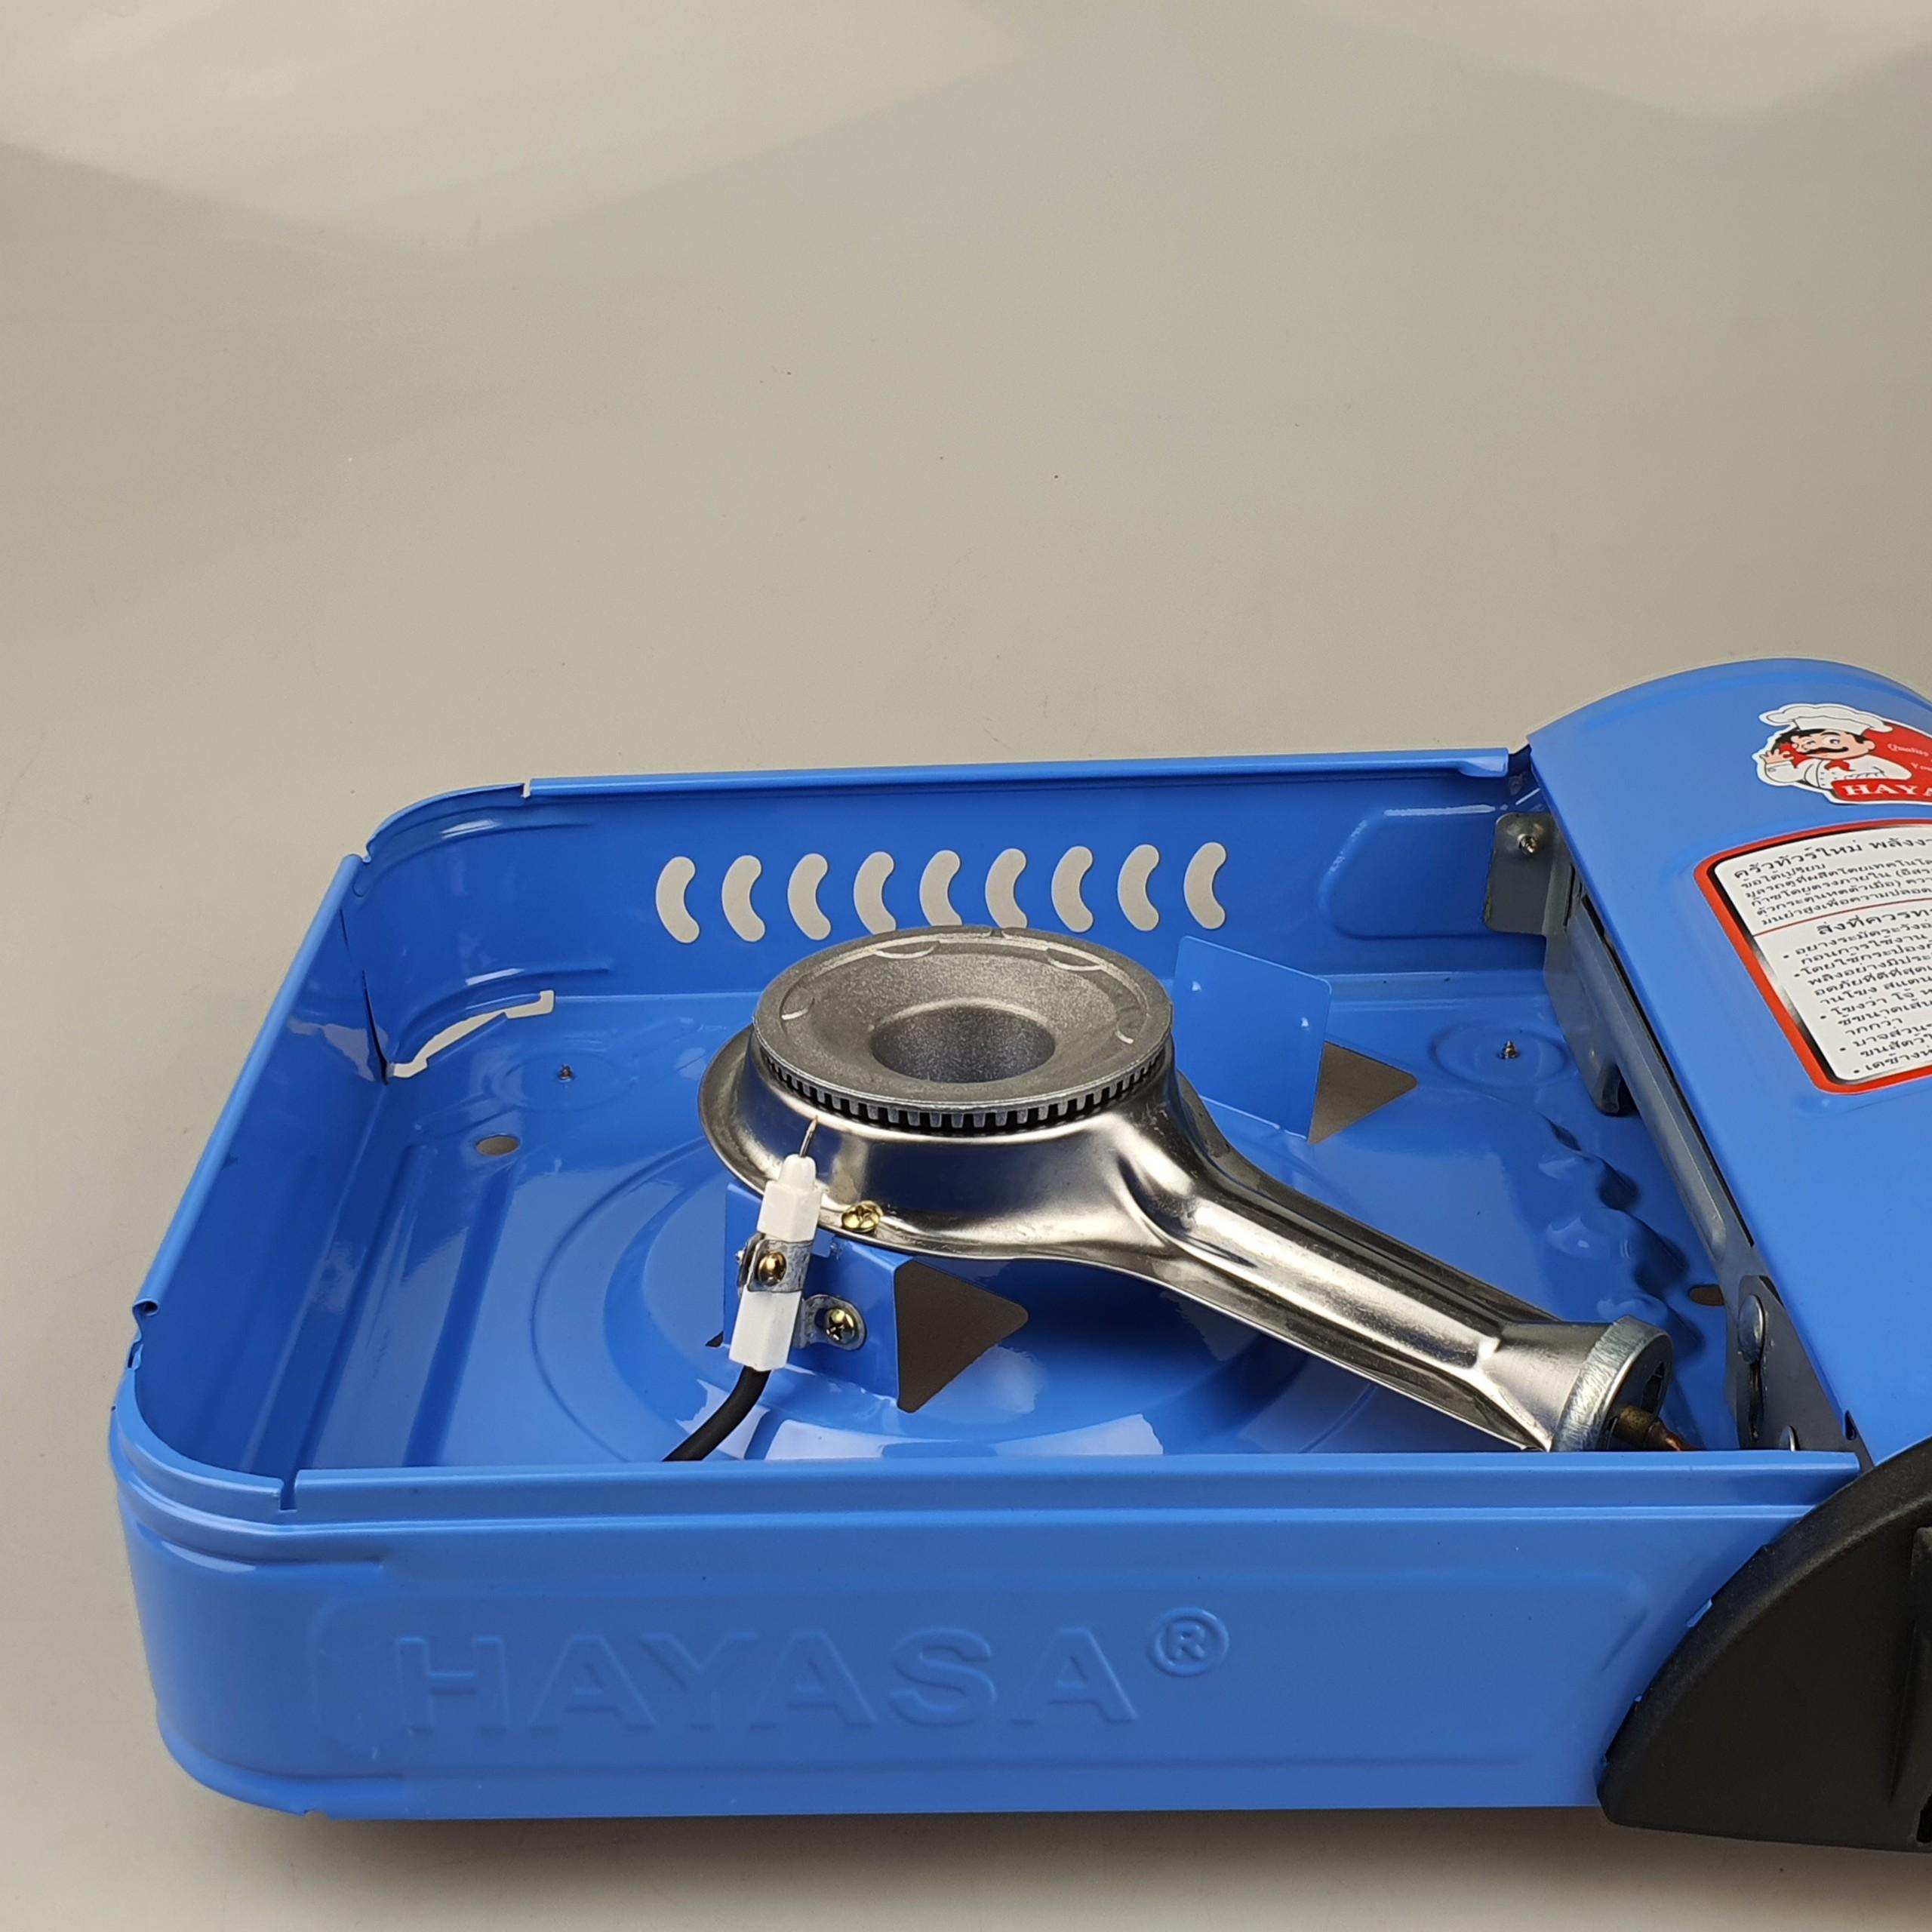 Bếp Ga Mini,Bếp Ga Du Lịch Cao Cấp Hayasa Ha-8102M Có Hộp Đựng Siêu Bền Tiện Lợi - Hàng Chính Hãng